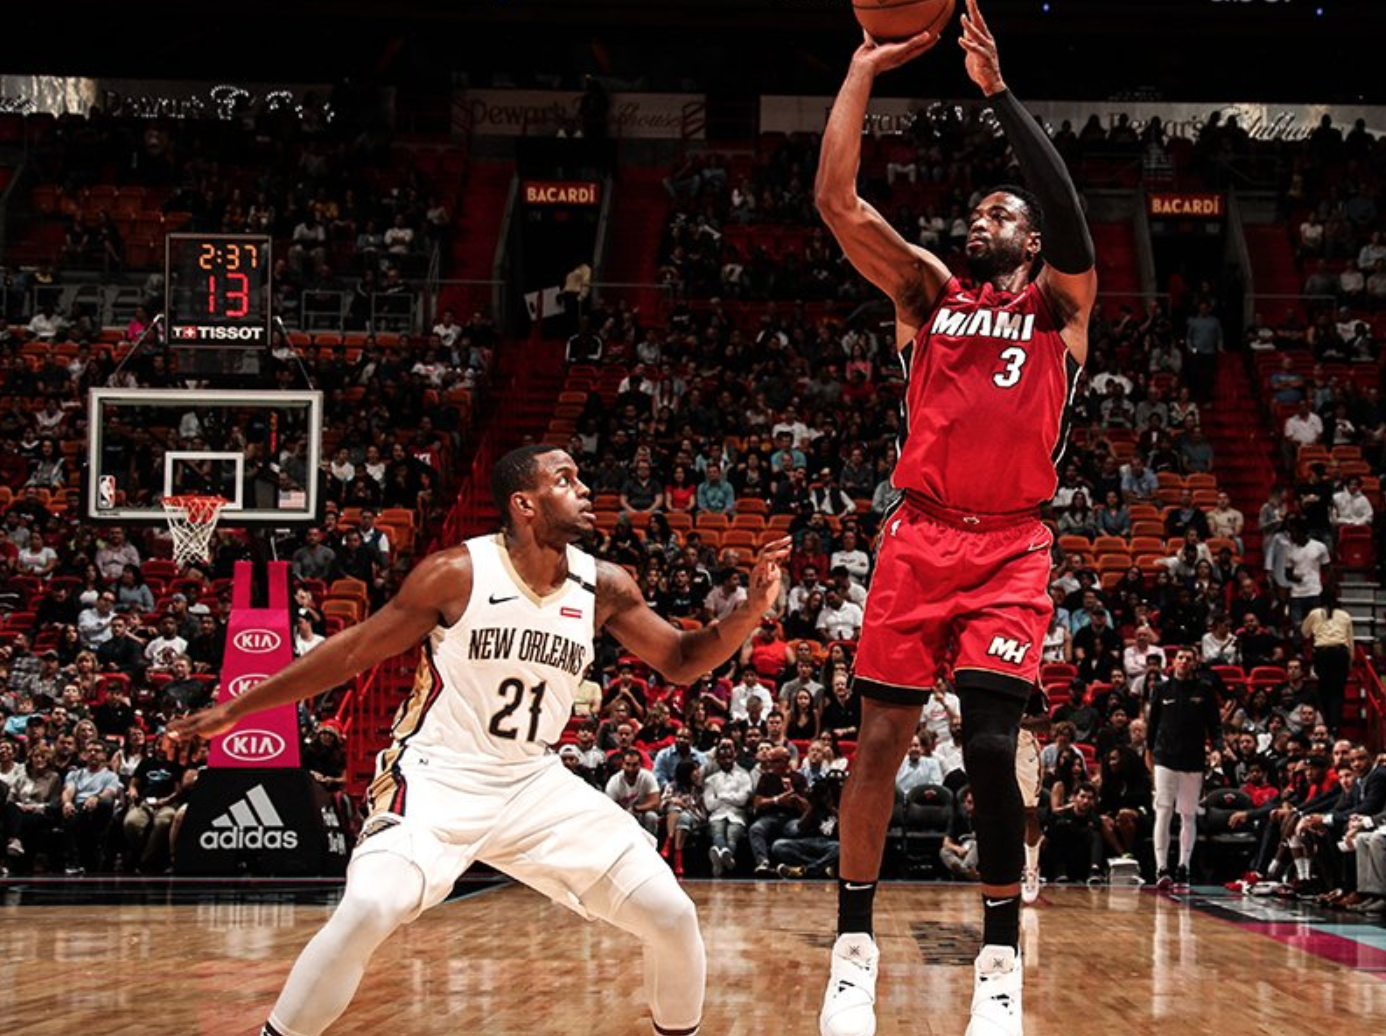 Miami Heat phải từ bỏ bộ đồng phục City Edition siêu đẹp chỉ vì... quá xui xẻo - Ảnh 2.